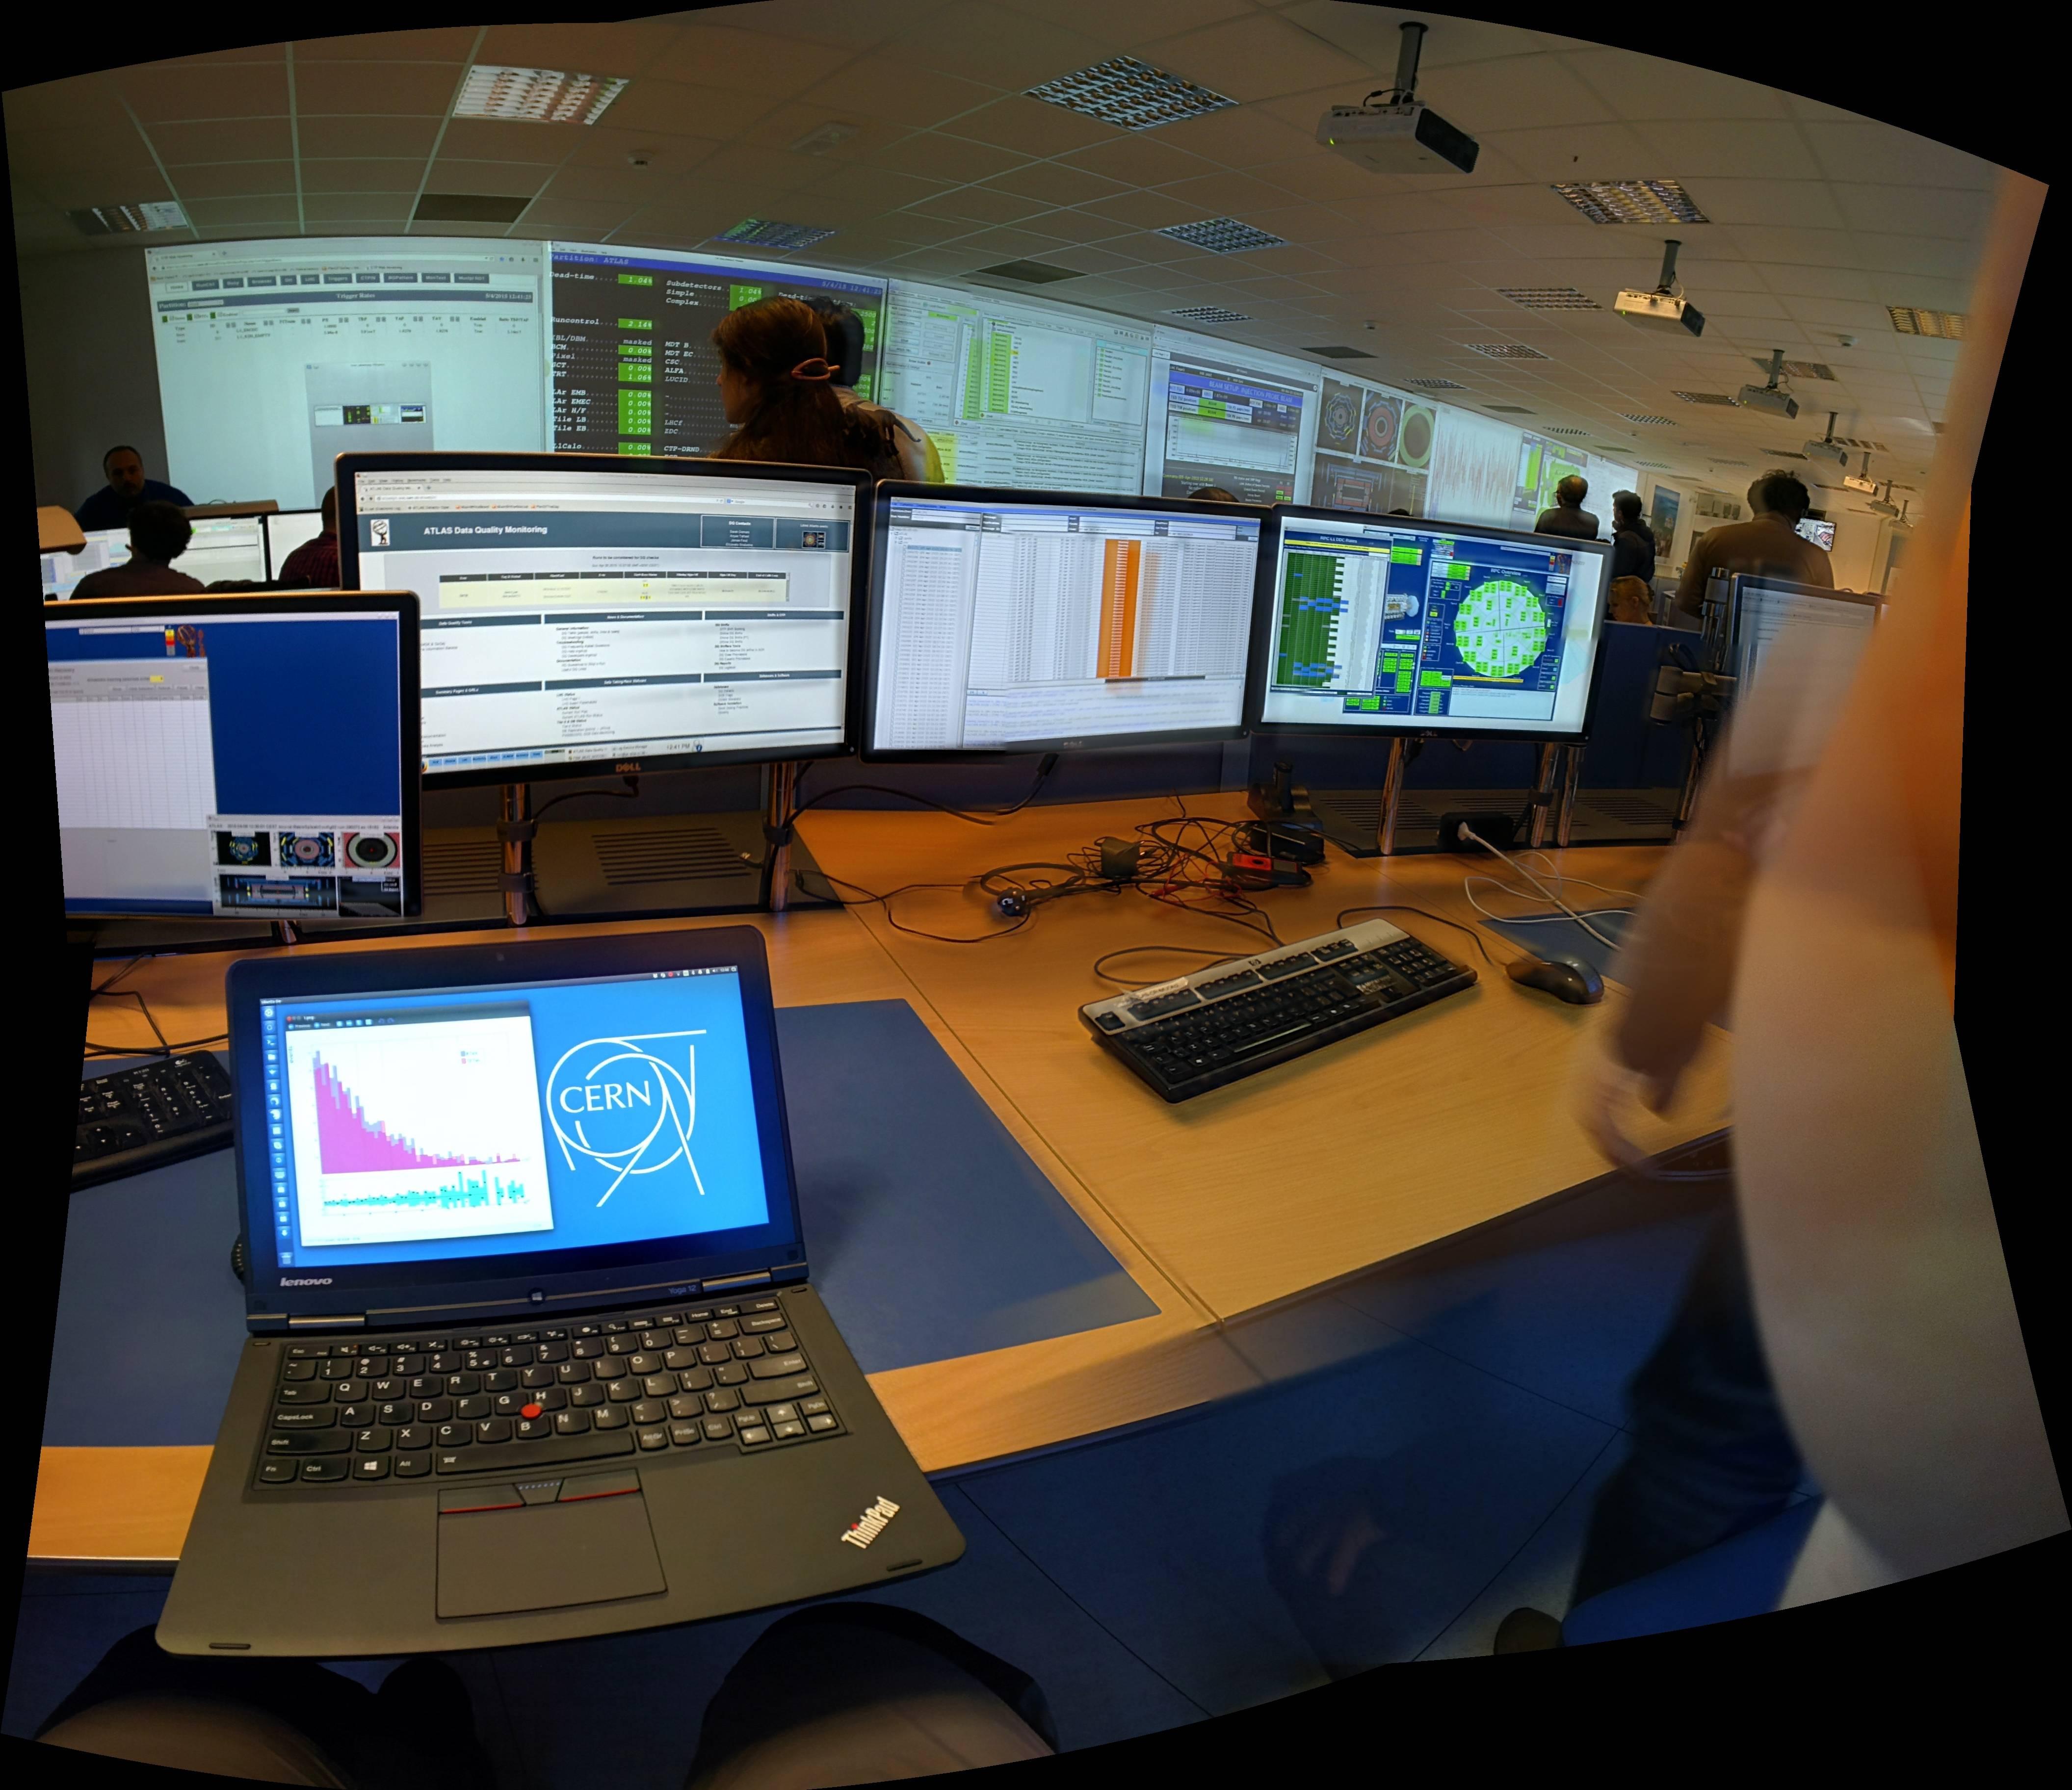 Ubuntu-and-KDE-Spotted-at-CERN-After-LHC-Restart-478028-2